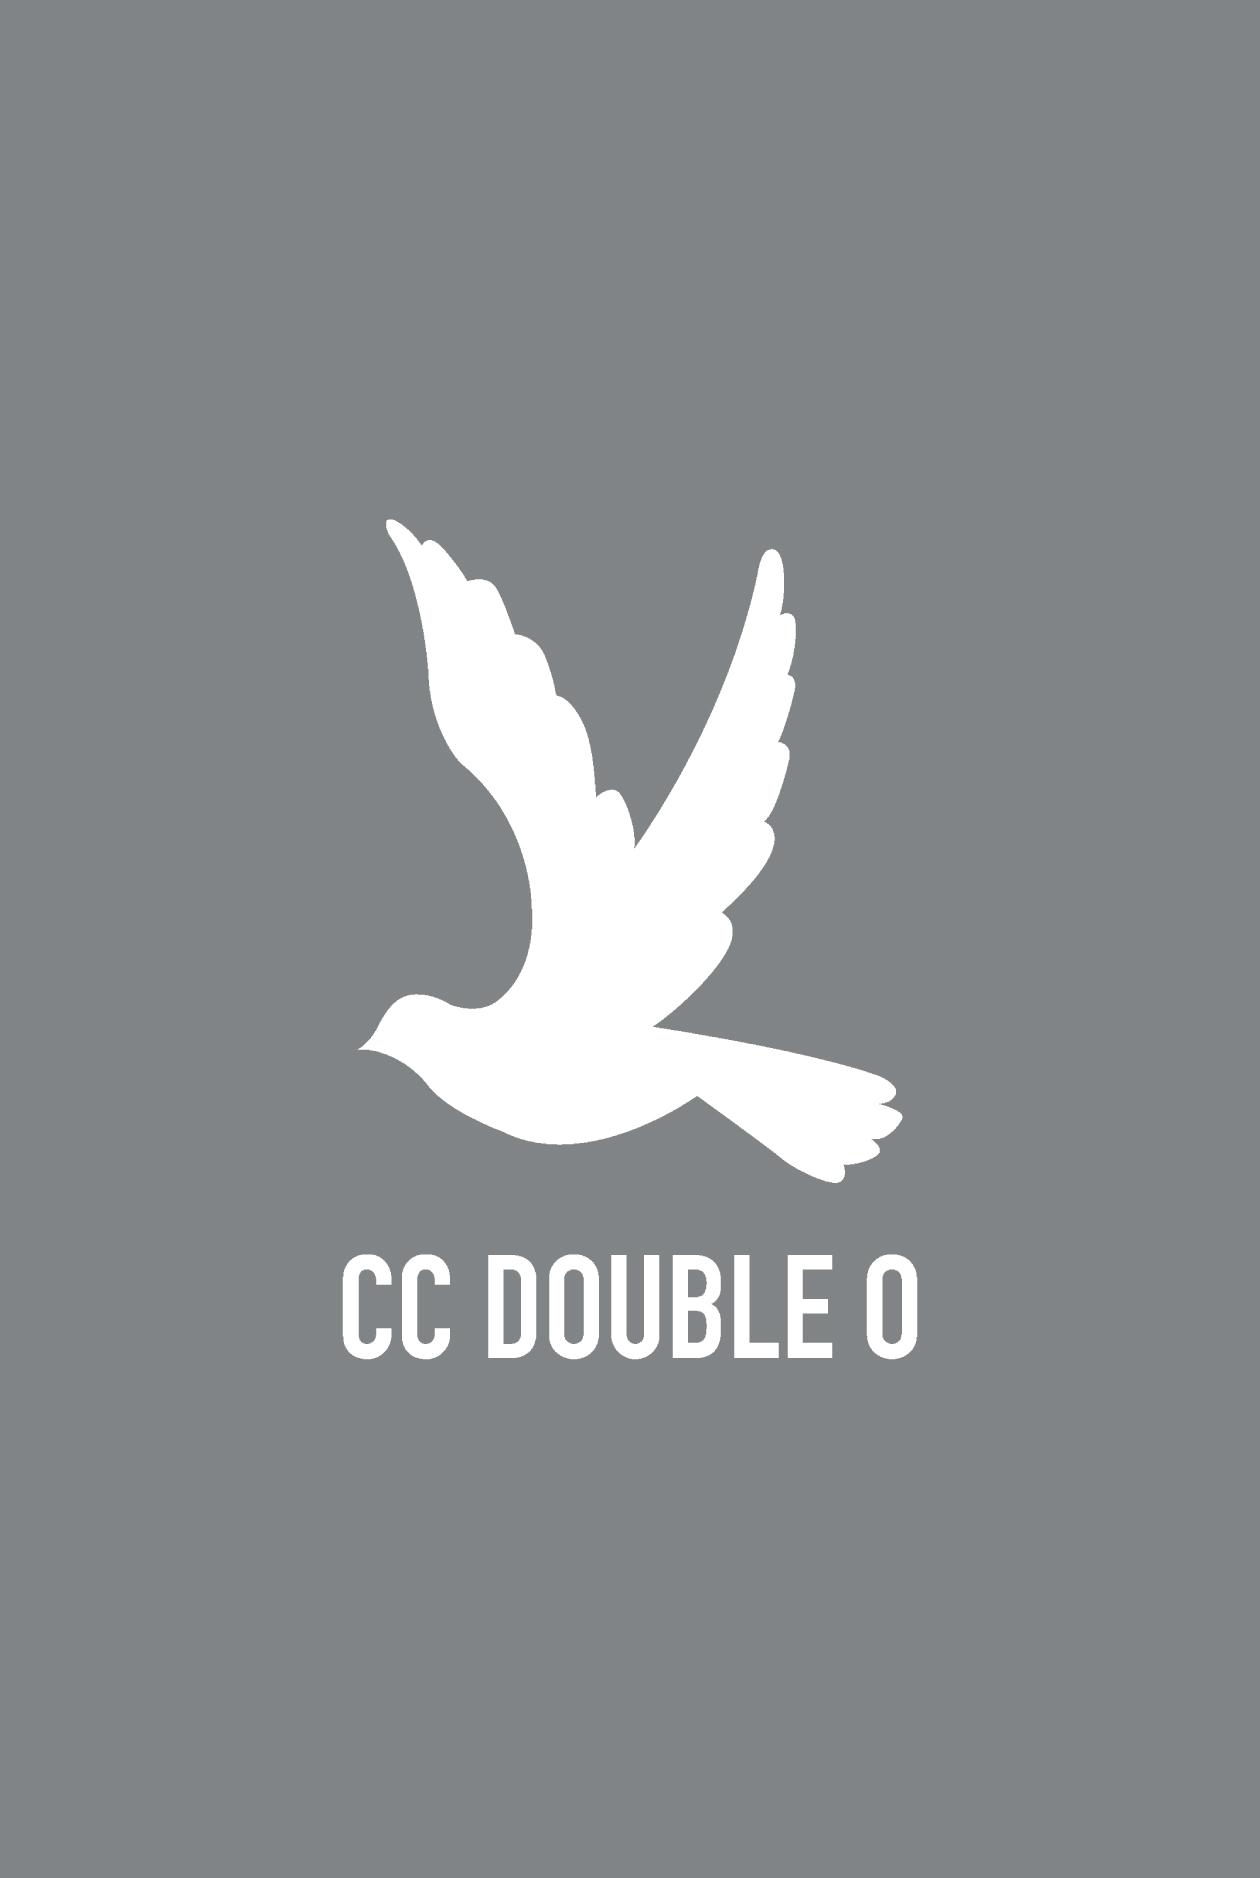 CC DOUBLE O LONG WALLET